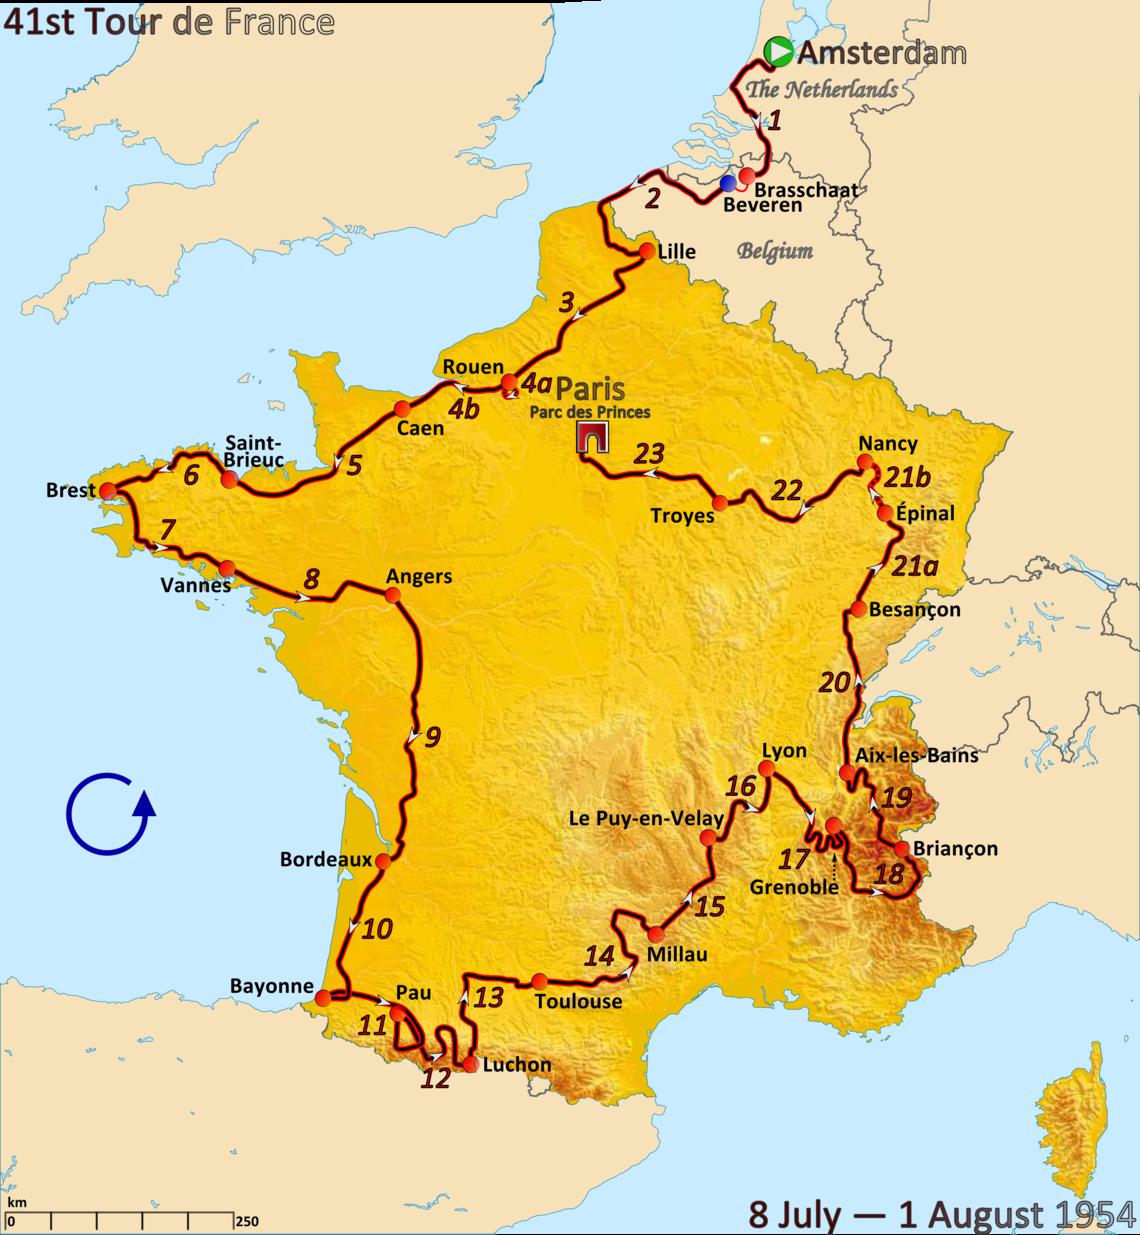 Tour de France 1954 - carte par Andrei Loas